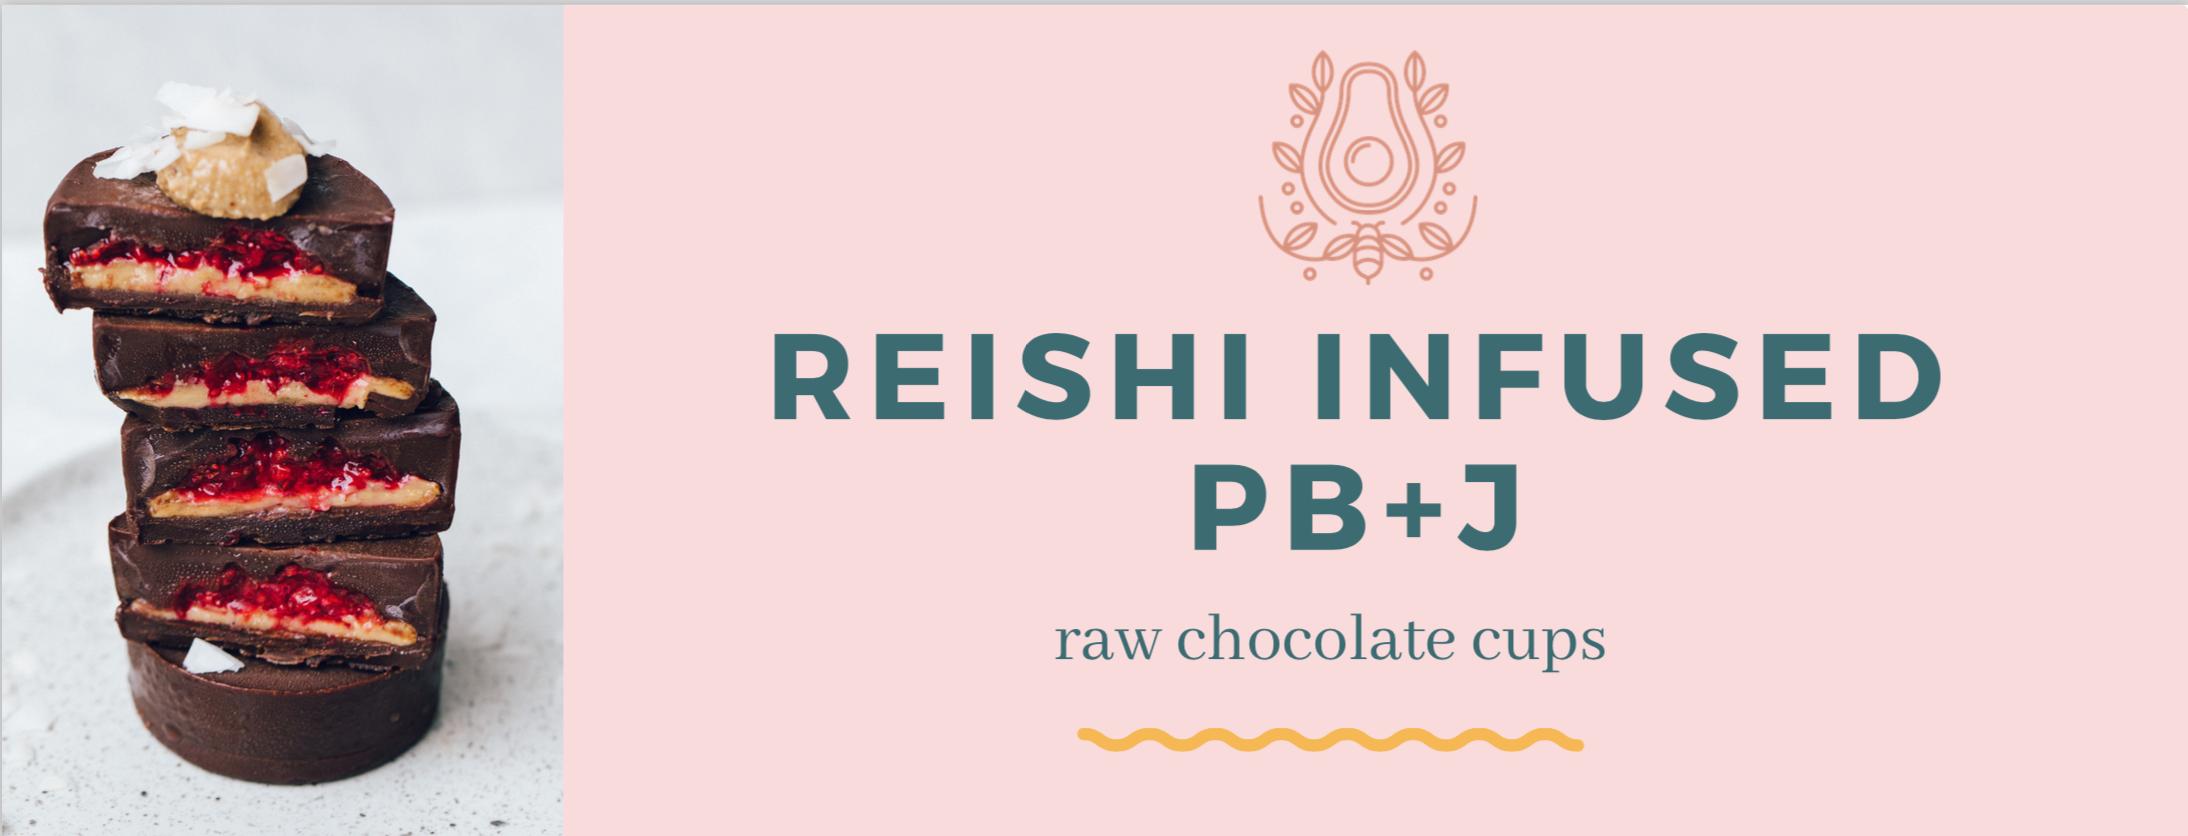 reishiinfusedchocolate.png